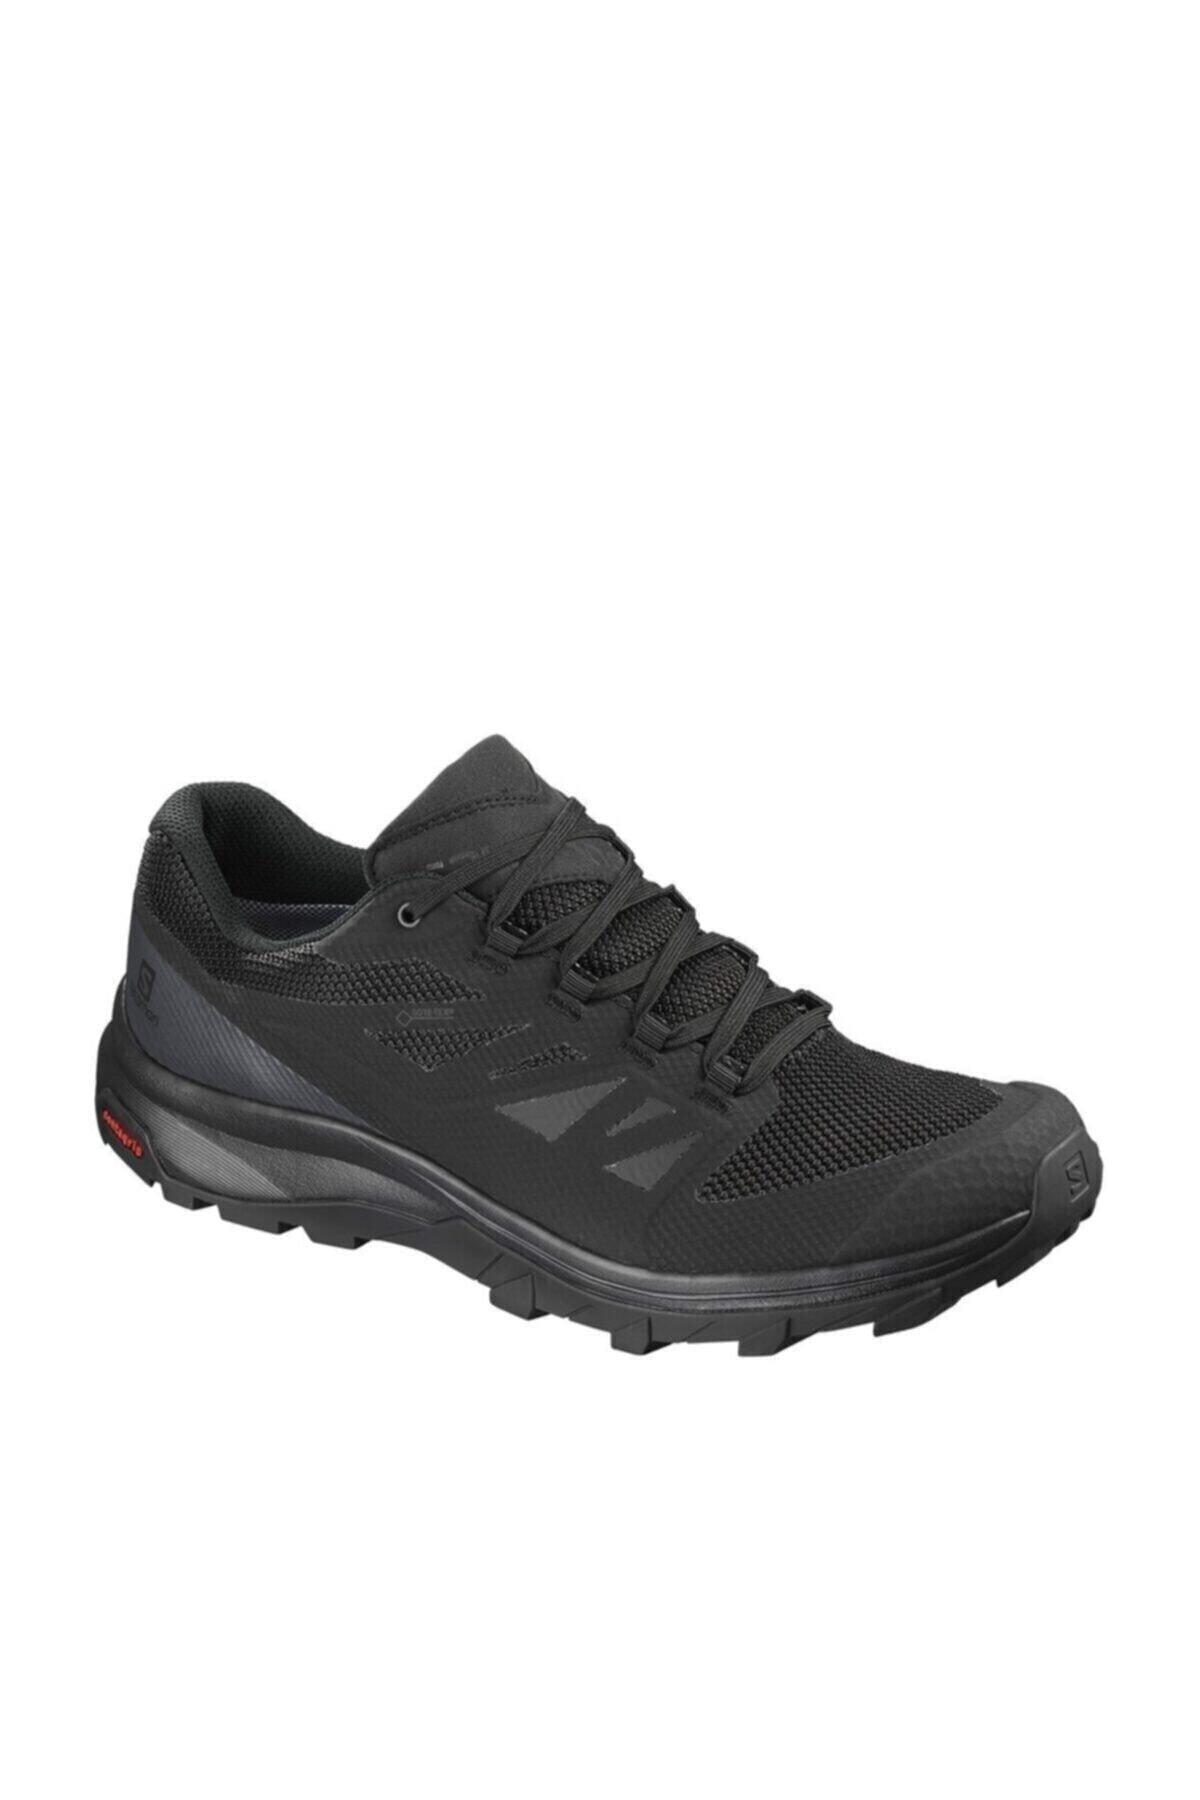 کفش کوهنوردی مردانه سال ۹۹ برند Salomon رنگ مشکی کد ty3621365